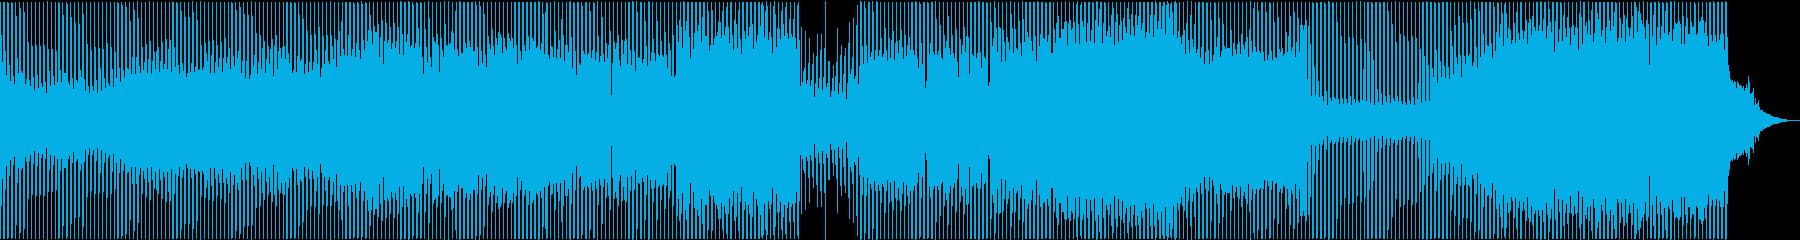 EDM ジングルべル POP ダンス の再生済みの波形